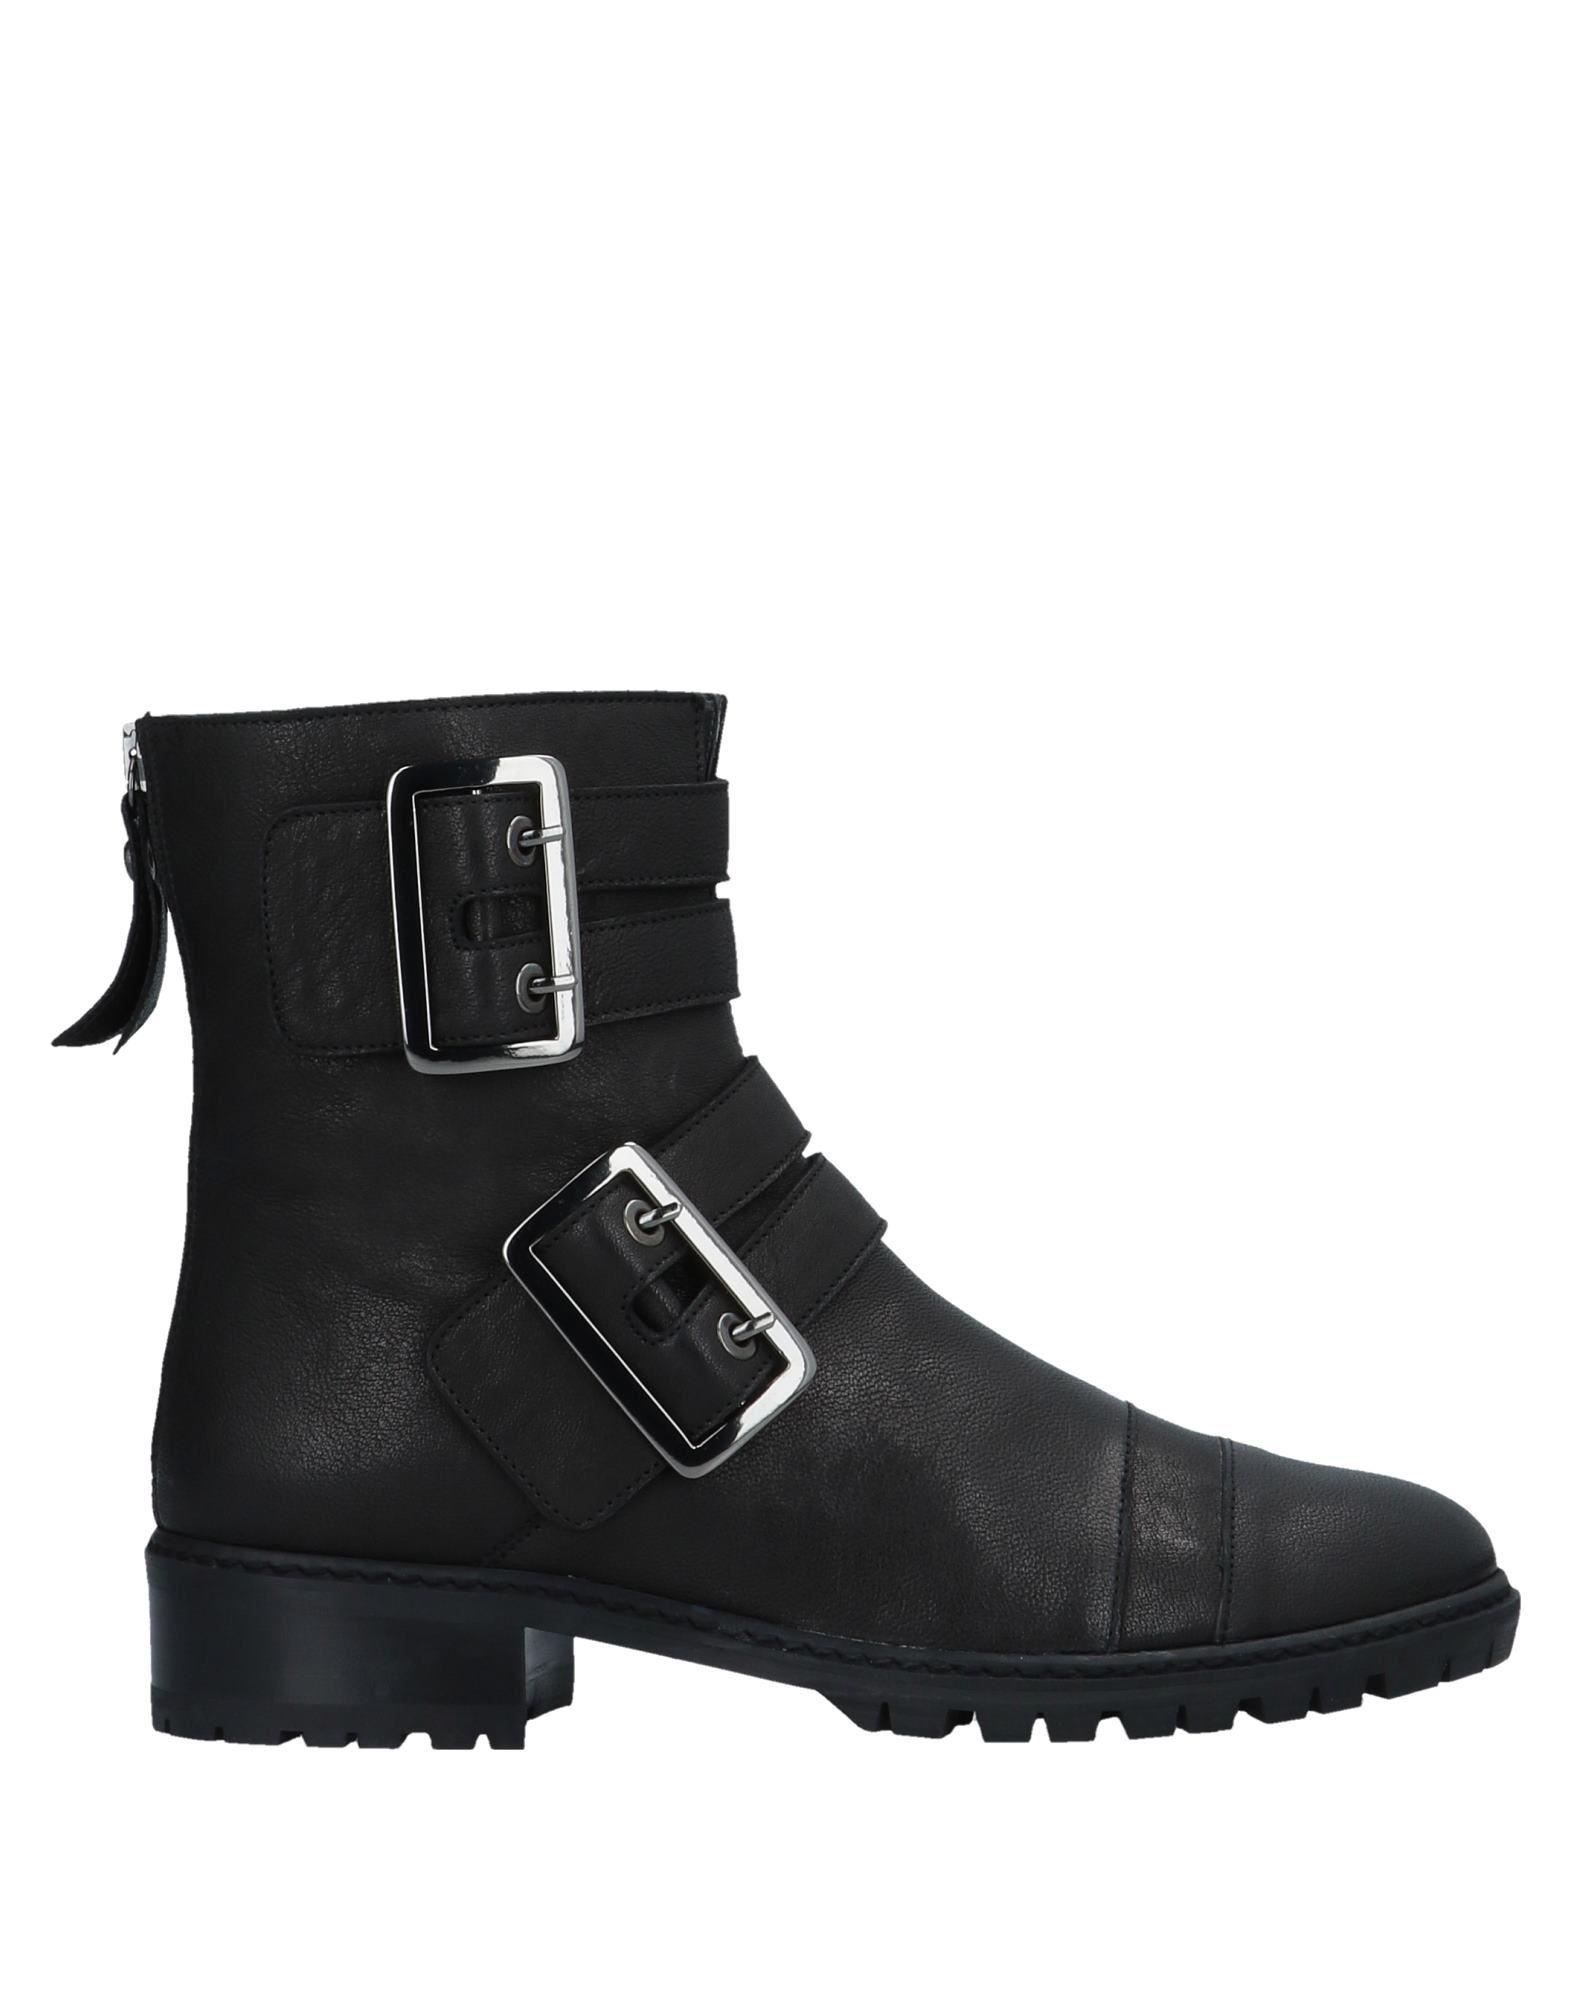 Stuart Weitzman 11536585ABGünstige Stiefelette Damen  11536585ABGünstige Weitzman gut aussehende Schuhe a6205b